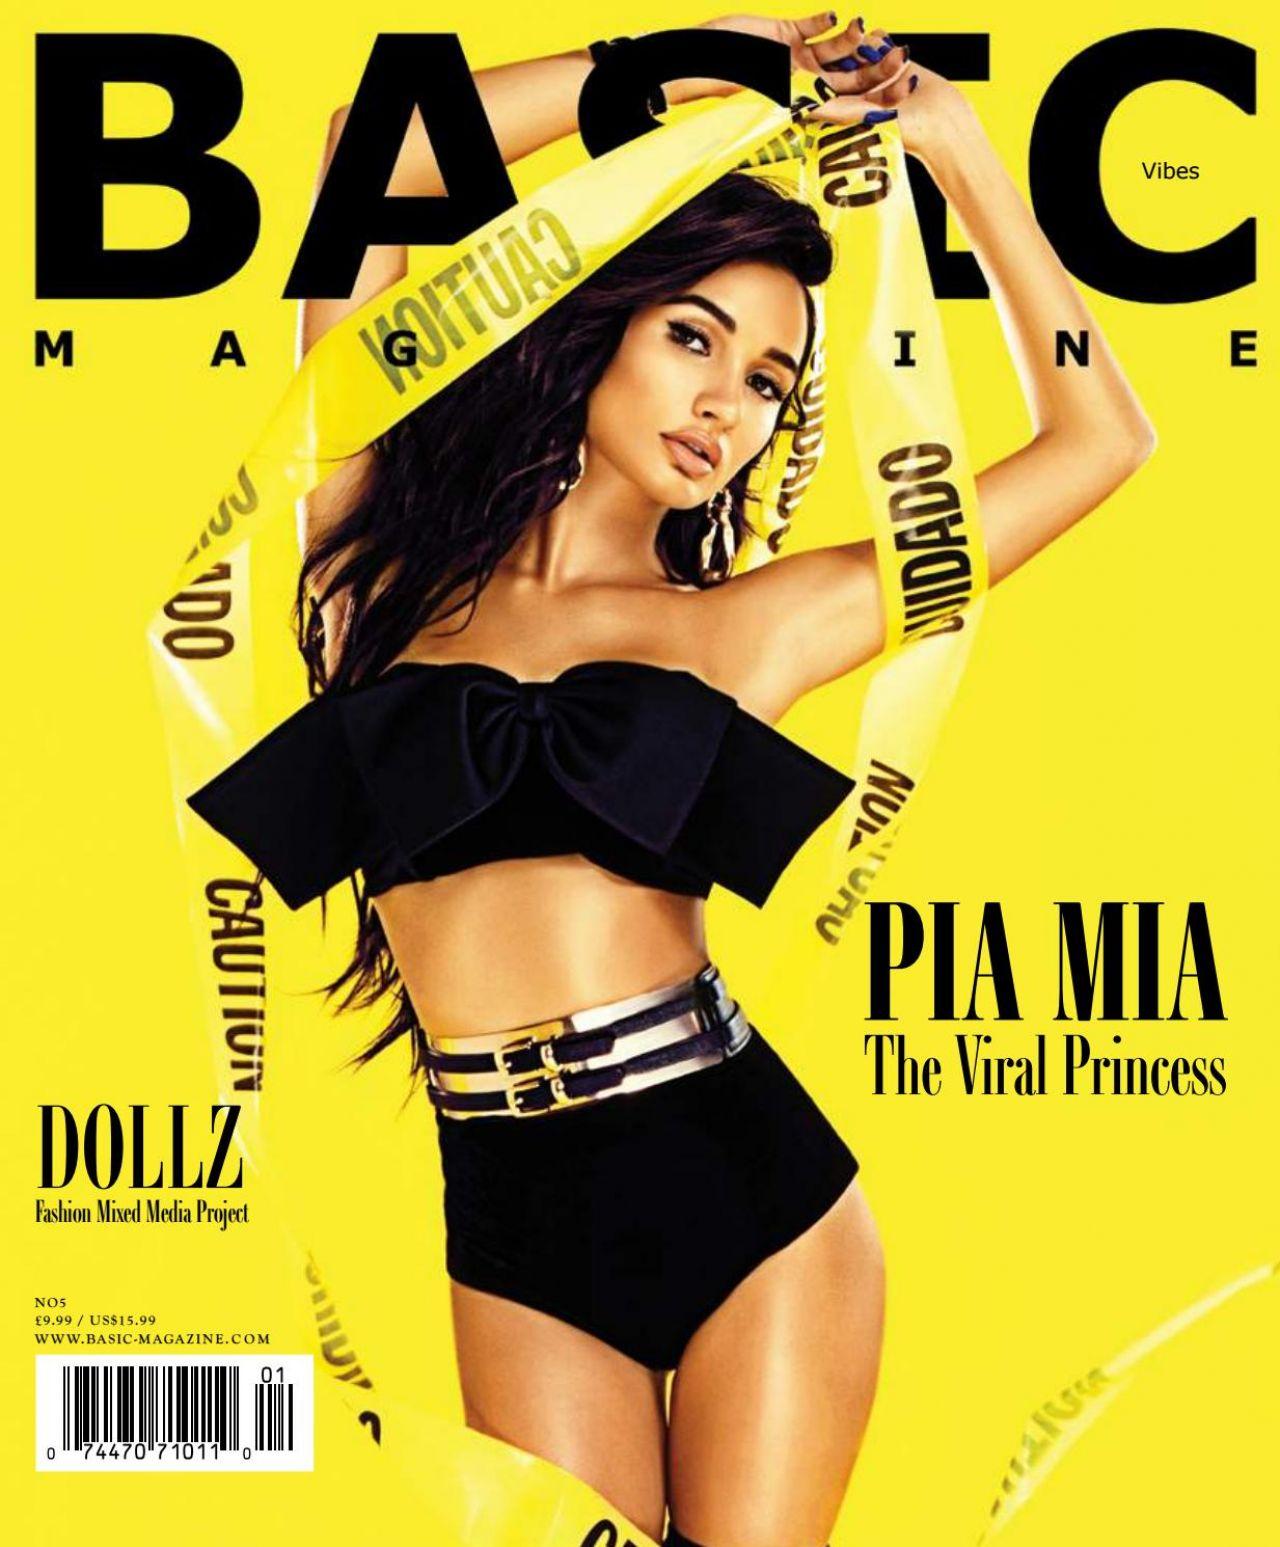 Pia Mia Perez - BASIC Magazine Vibes Issue November 2017